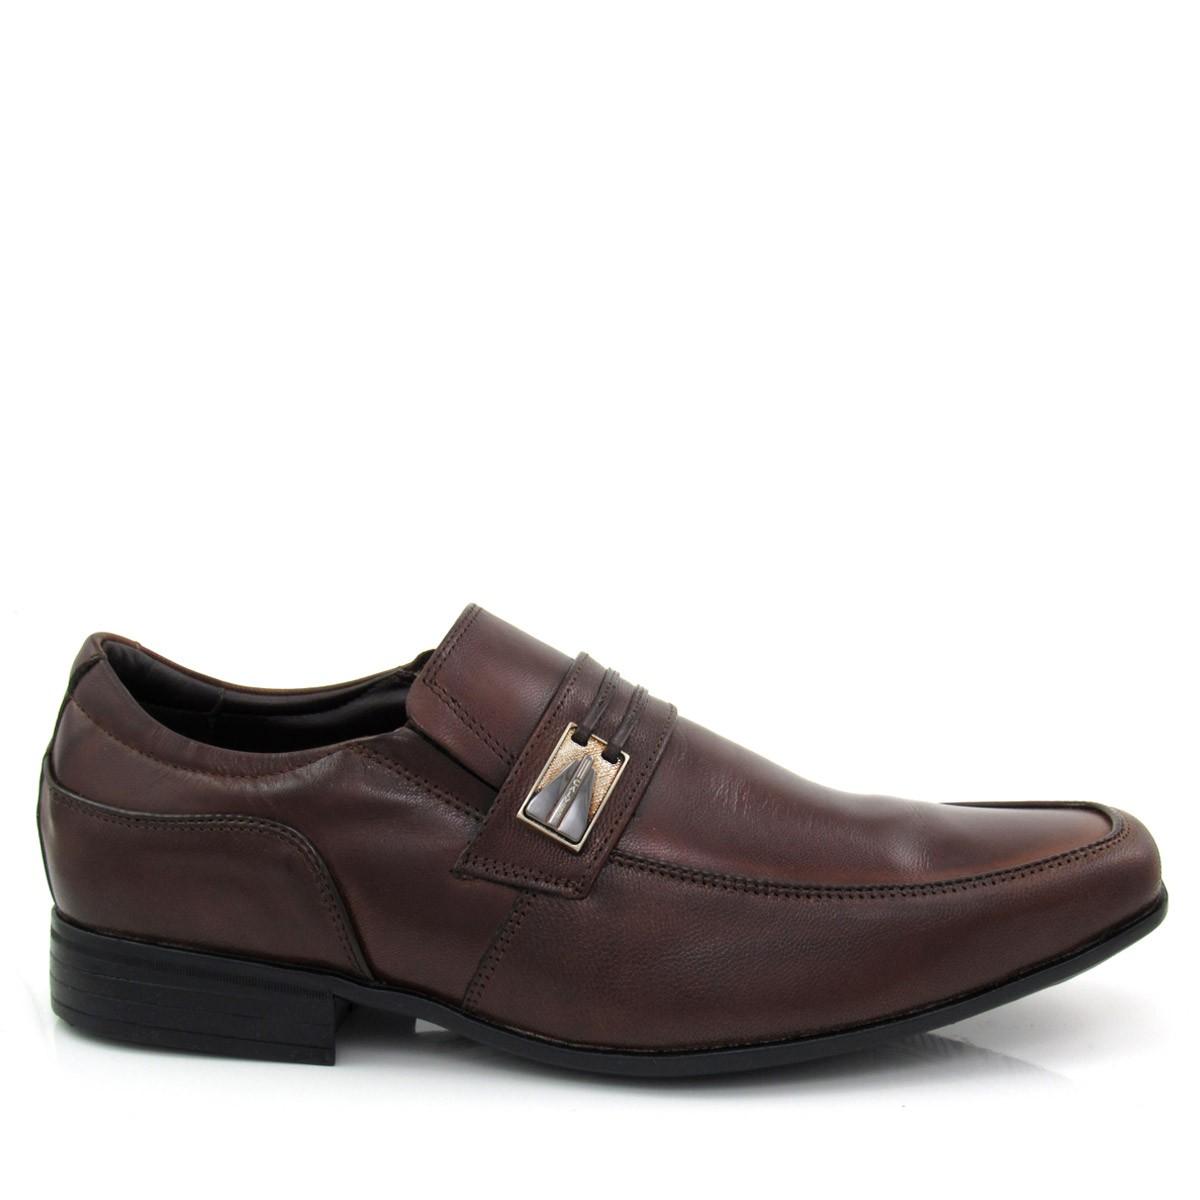 71d617821 Sapato Social Masculino em Couro Calvest 2330B904 Coleção 2018